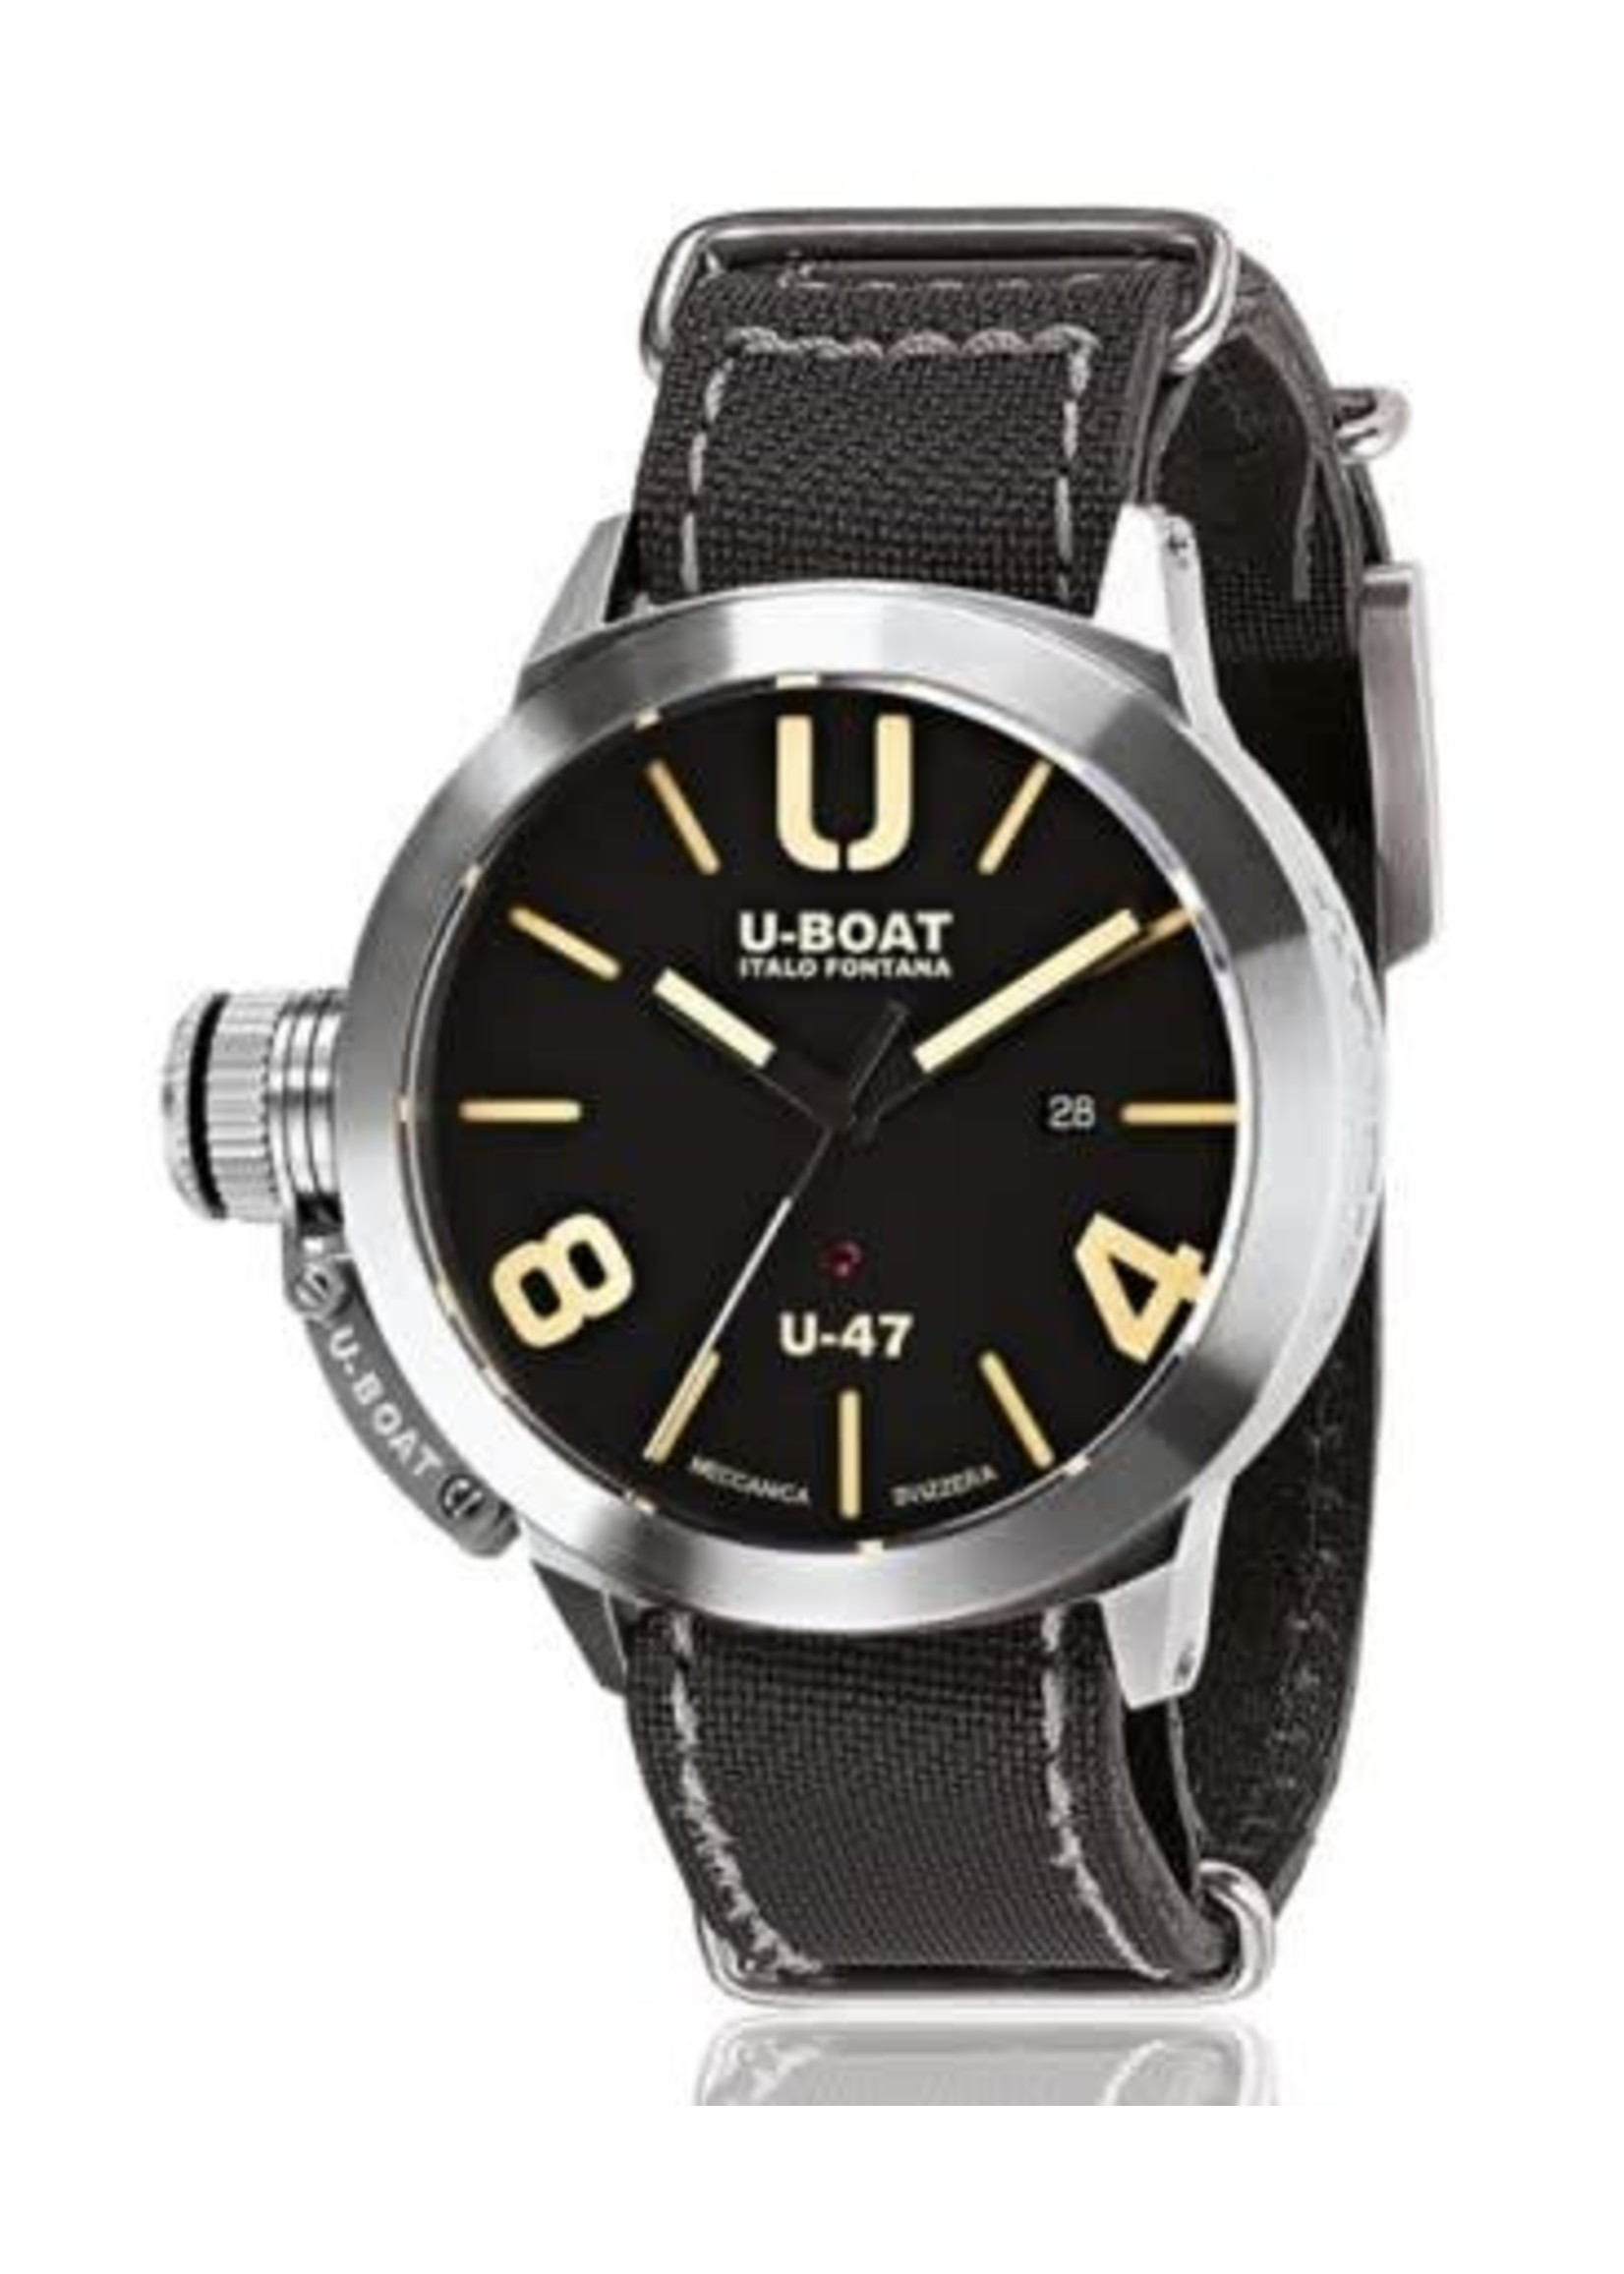 U-BOAT U-BOAT Classico U-47